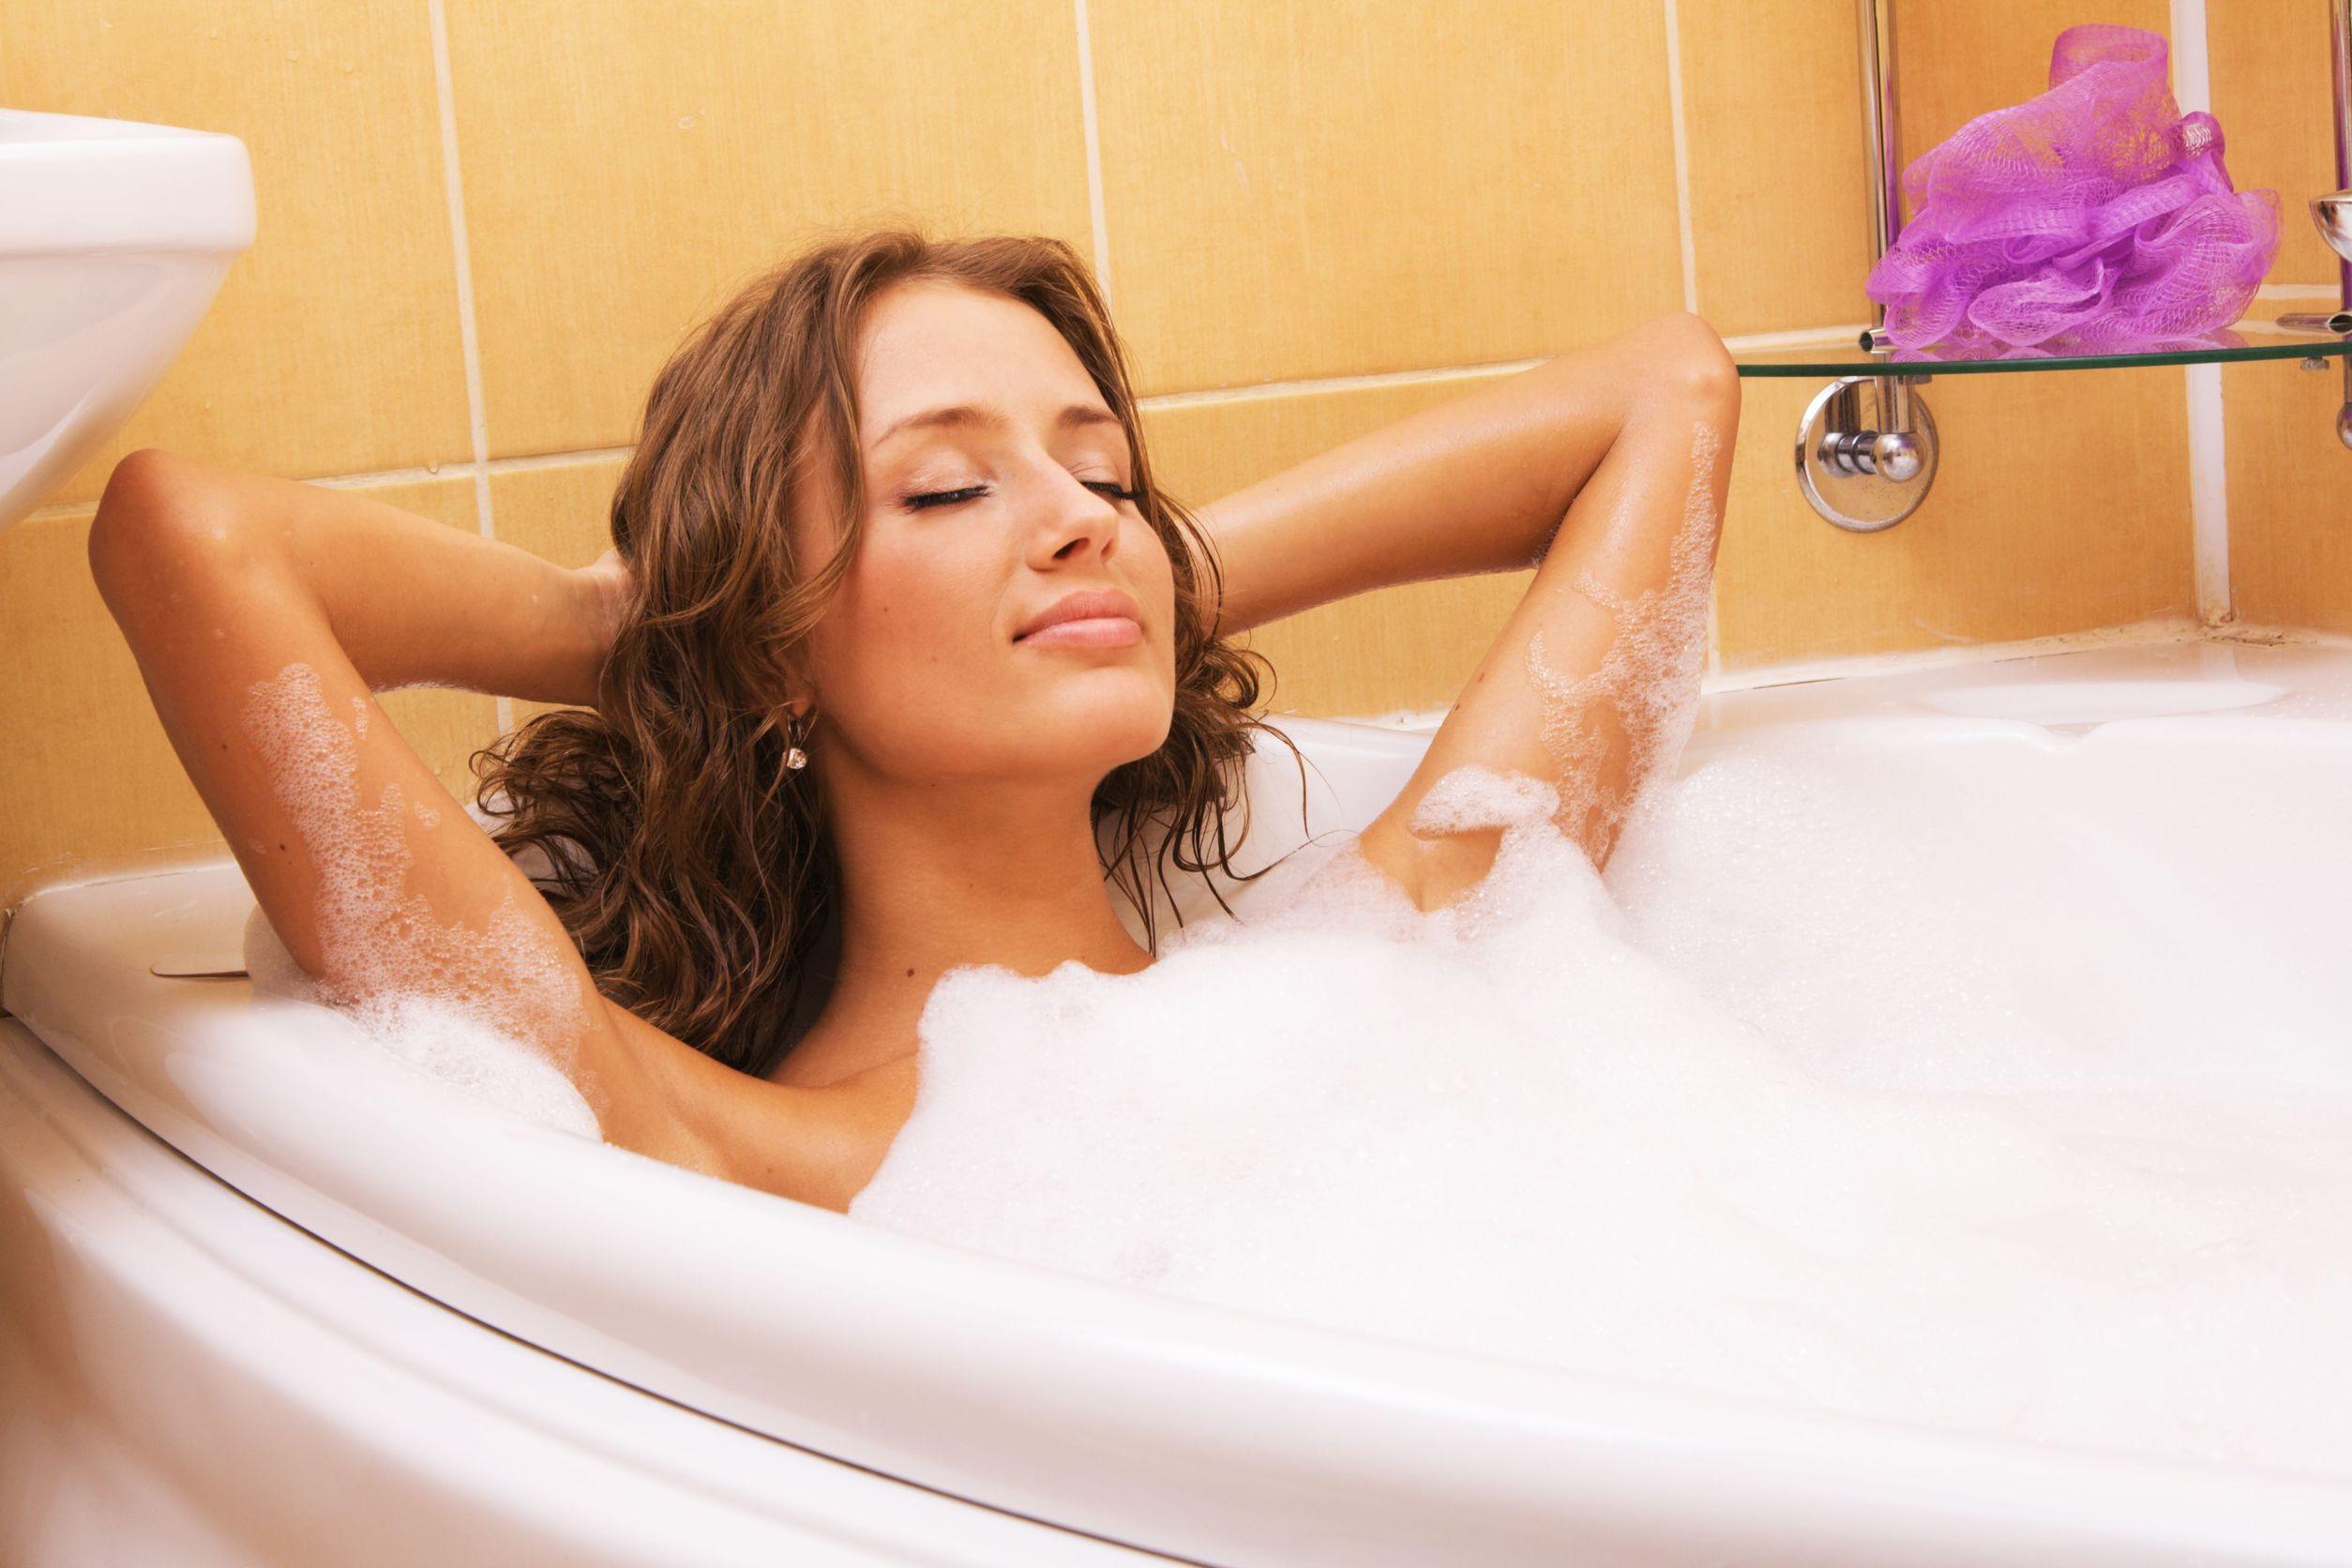 sexo-banho-banheira-mulher-relax-spa